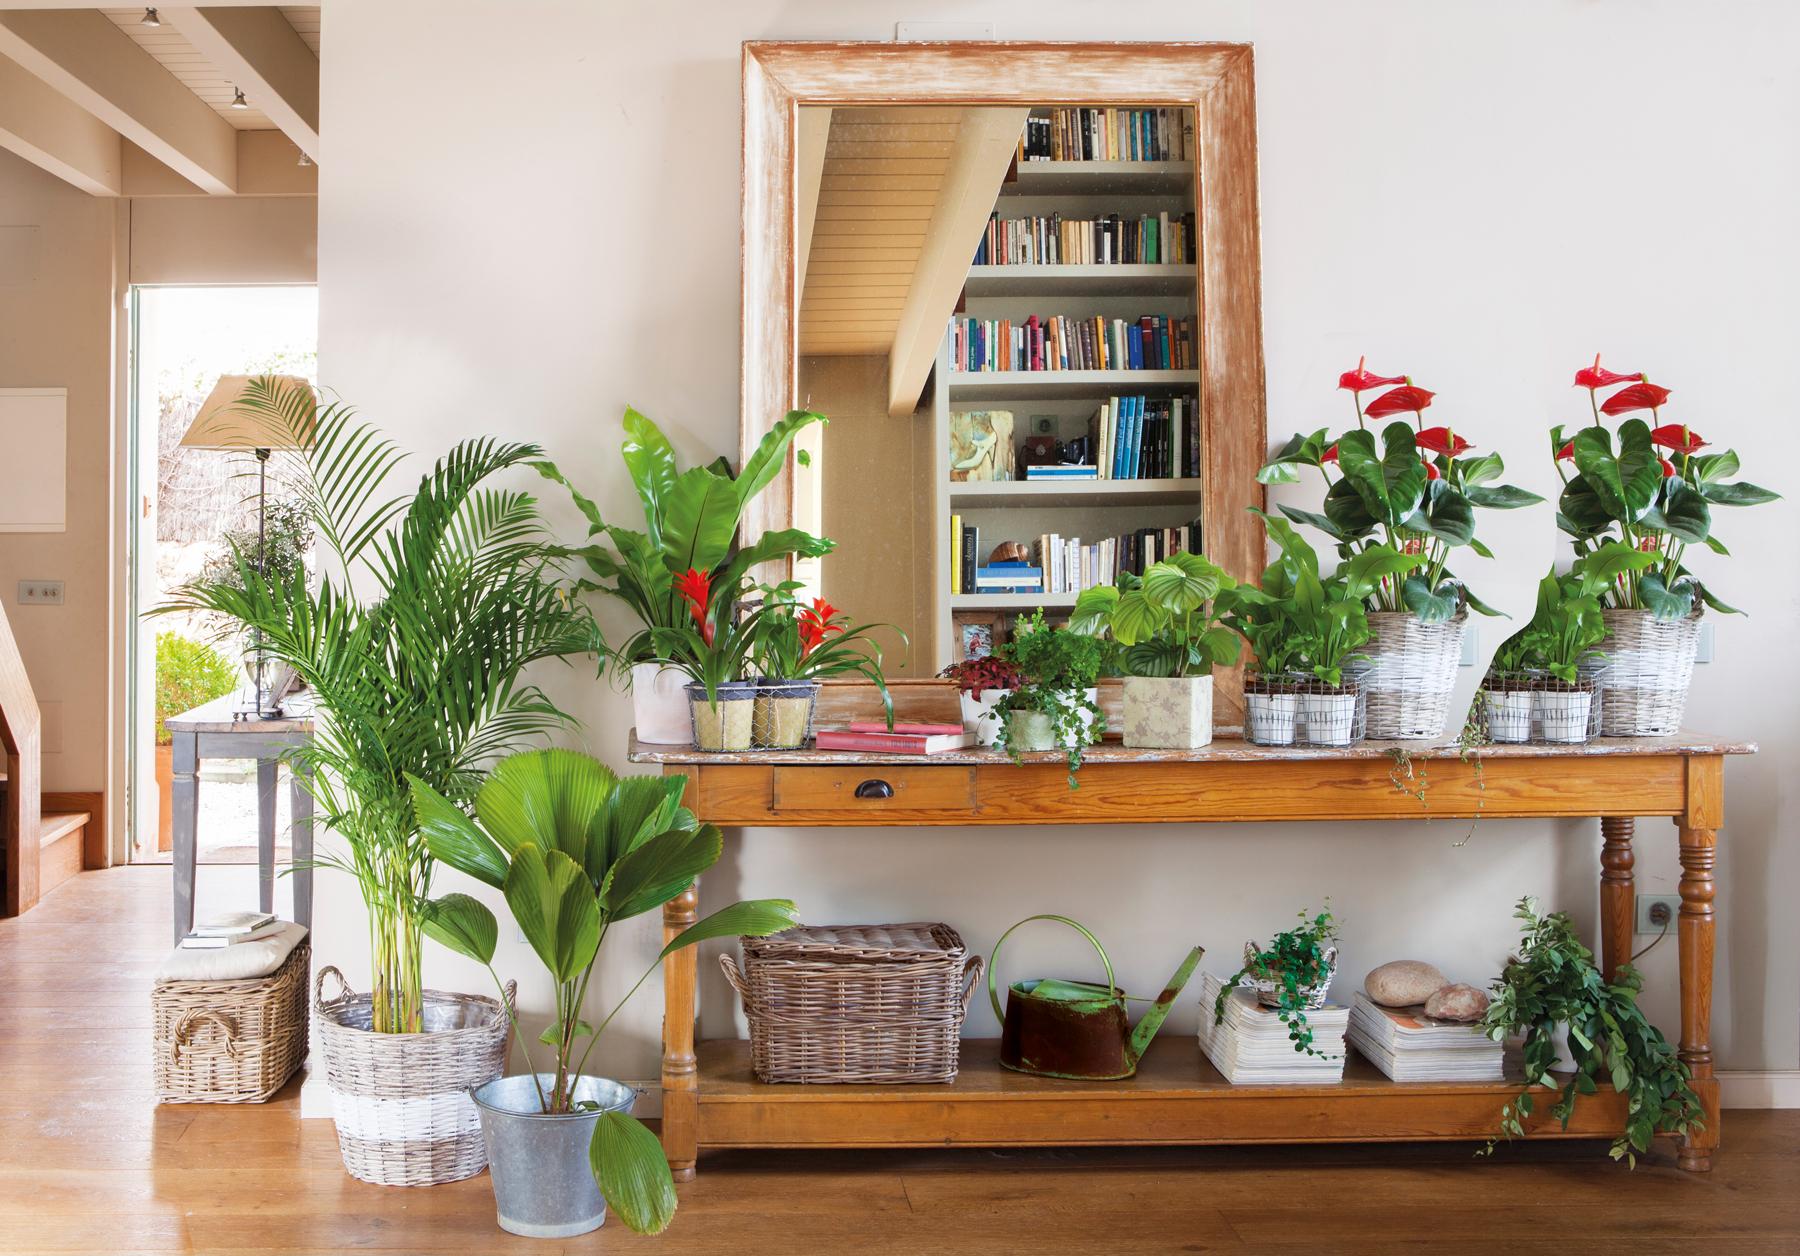 Una acogedora casa llena de plantas por todas partes for Maceteros para salon